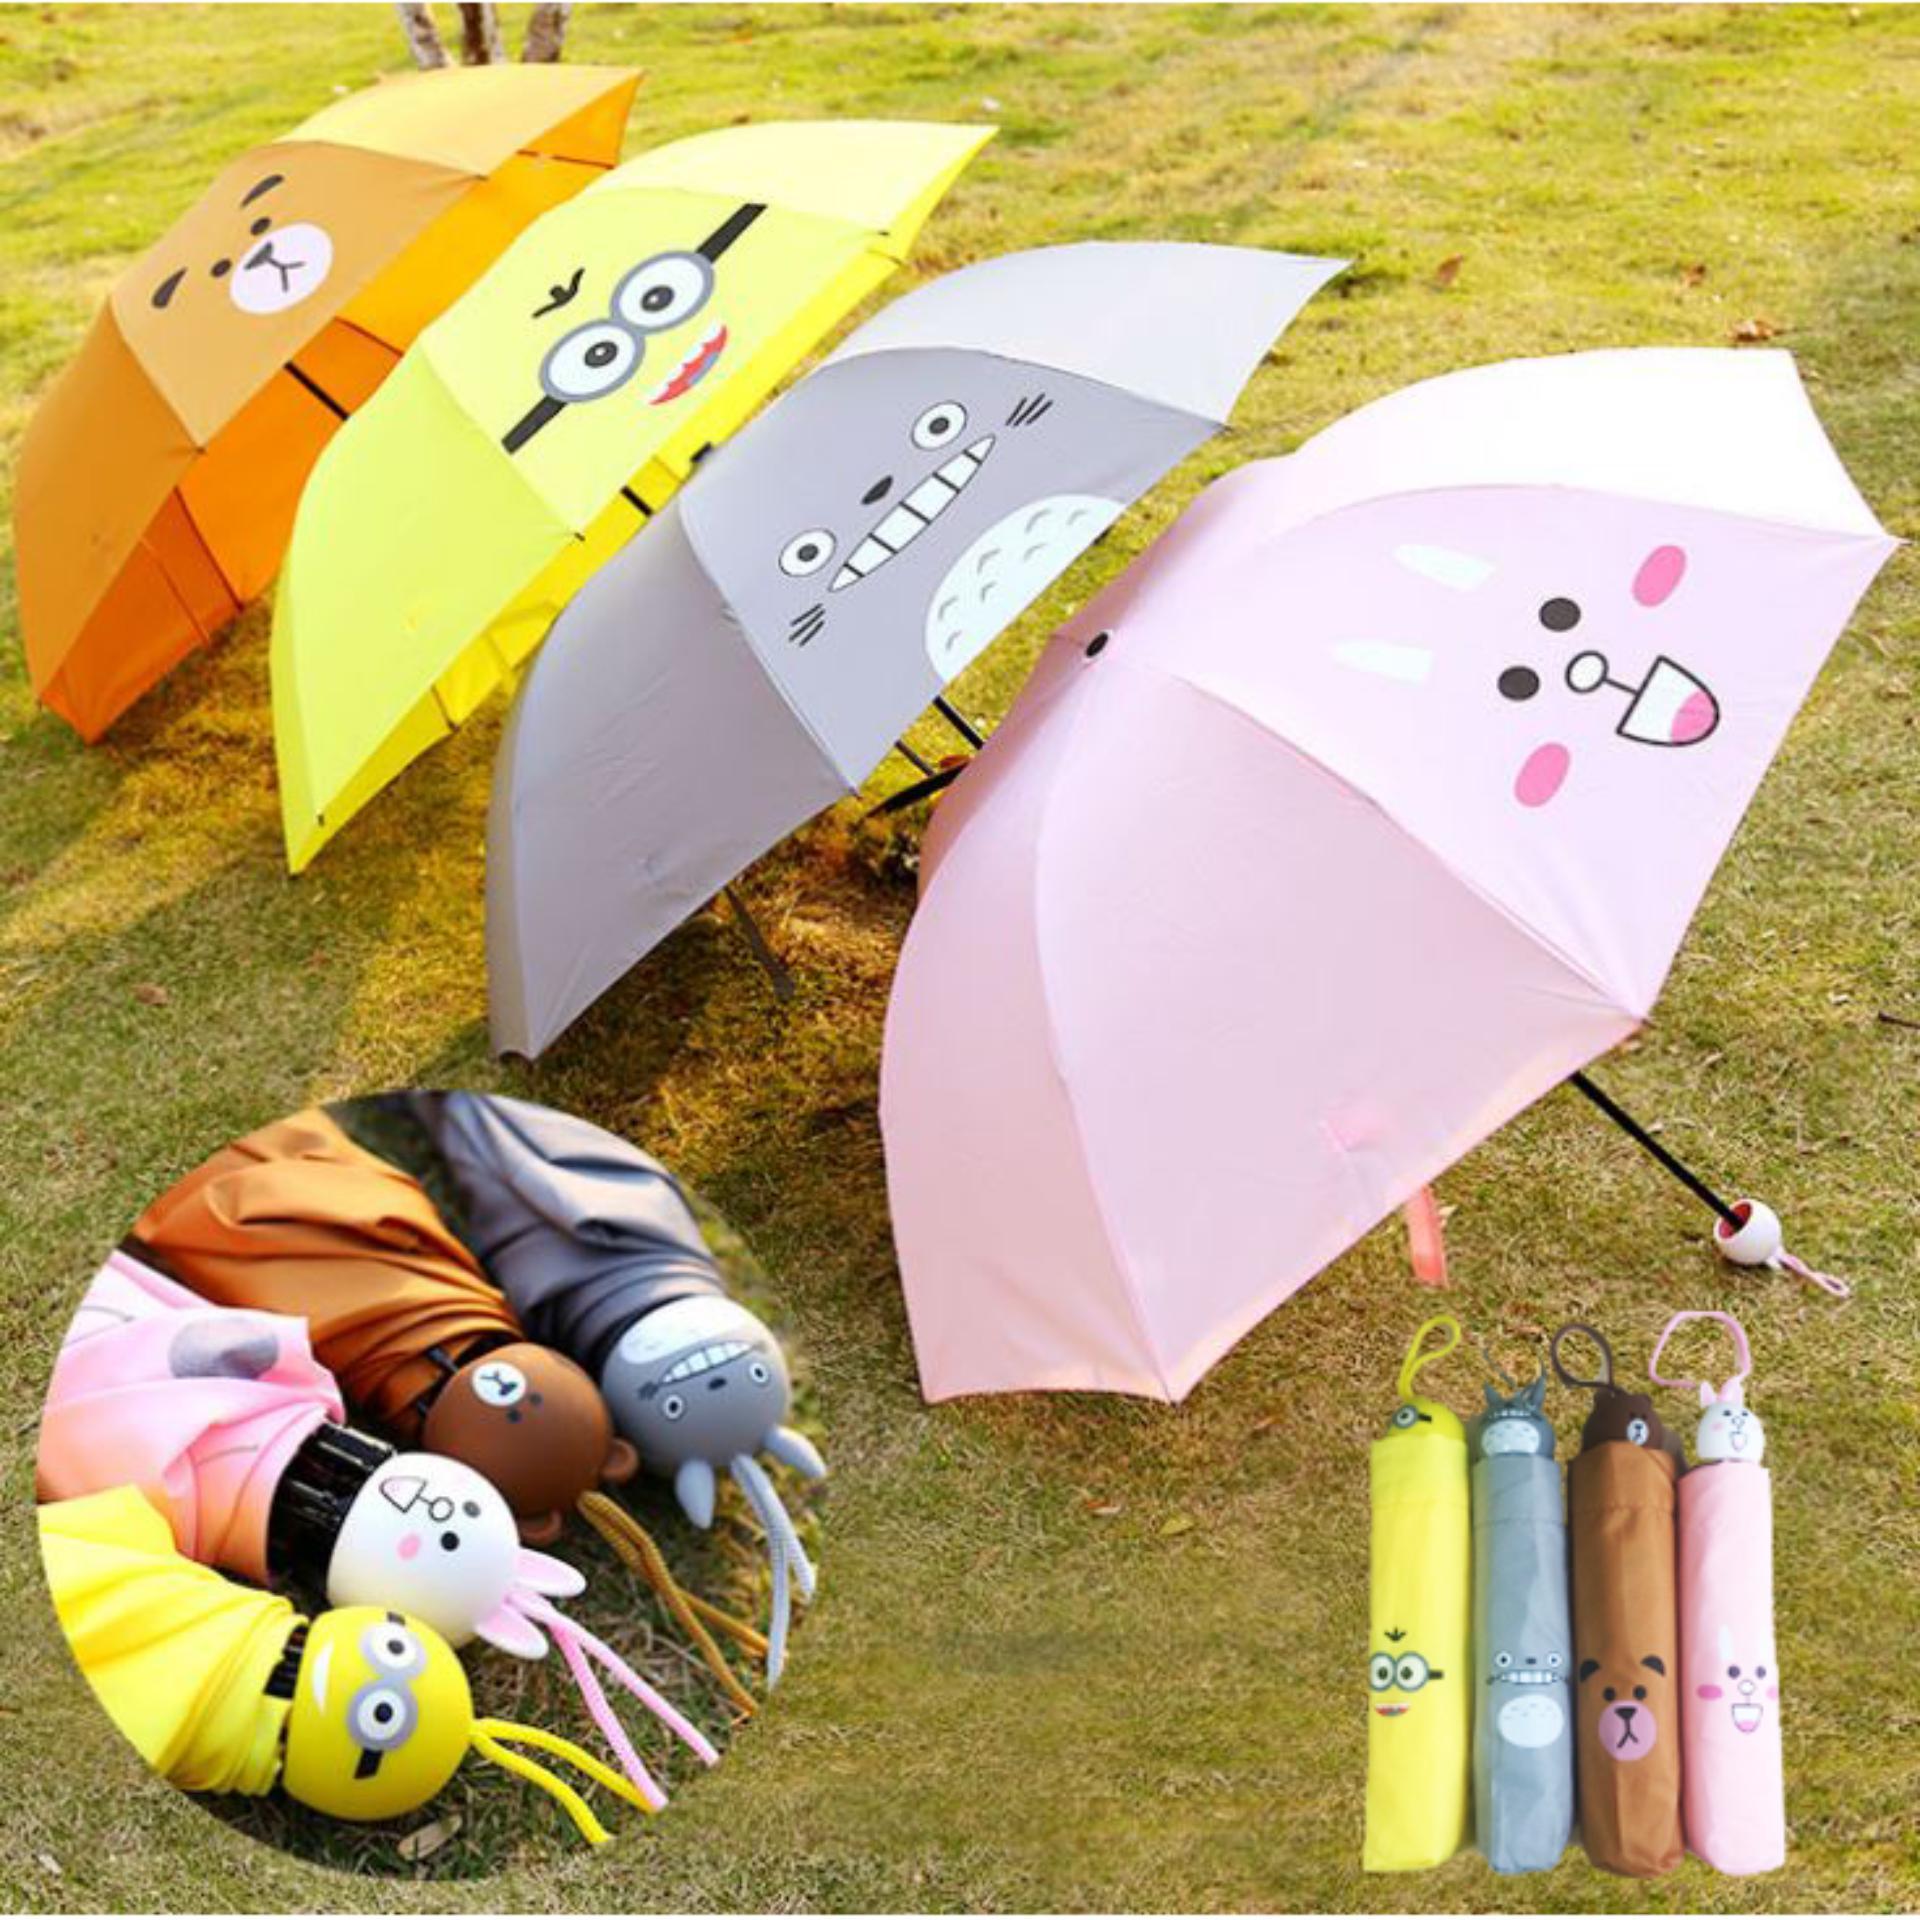 Ô dù che mưa/nắng cao cấp đến từ Nhật Bản. Size lớn (Chống tia tử ngoại)